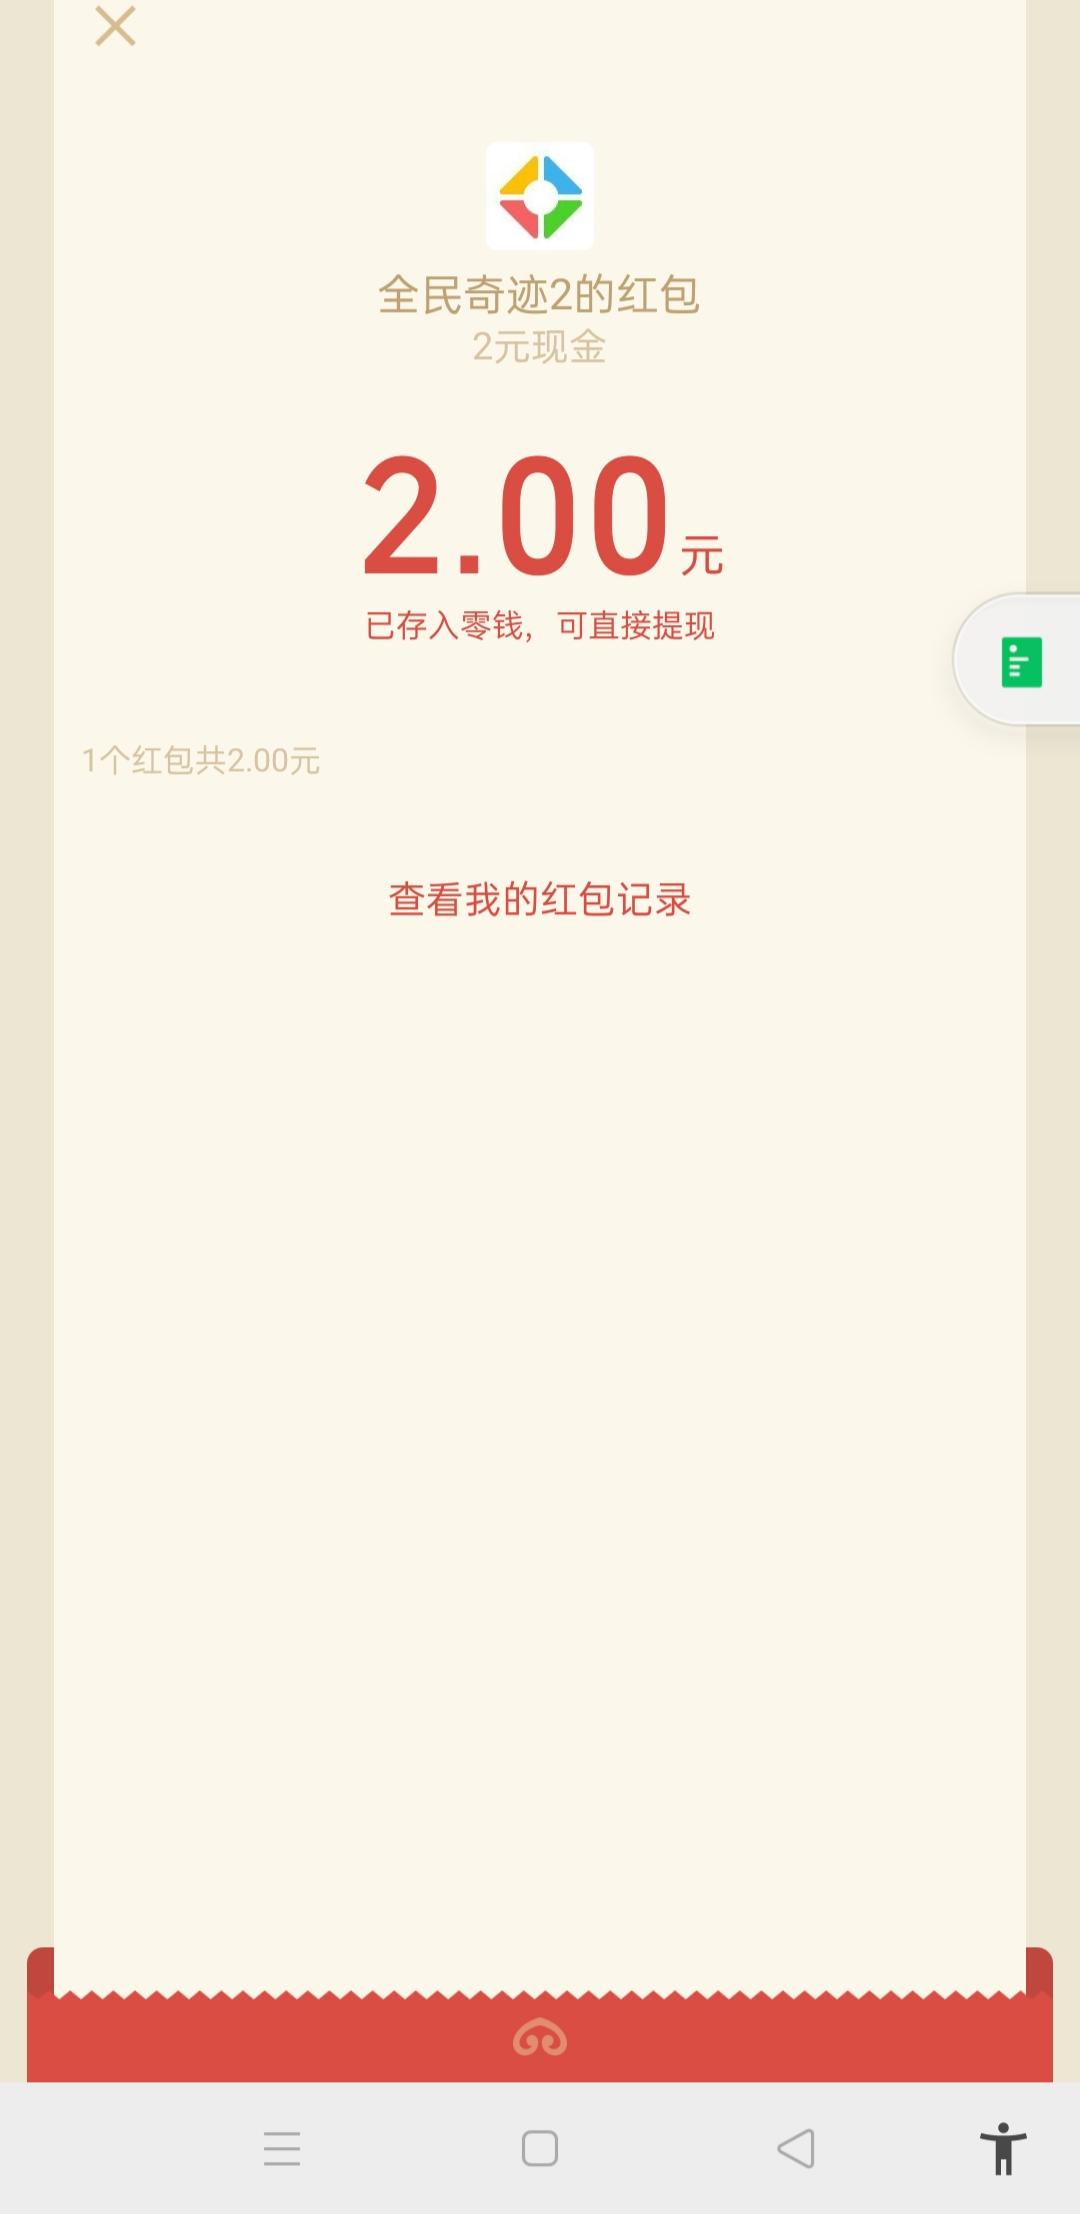 全民奇迹下载中2R